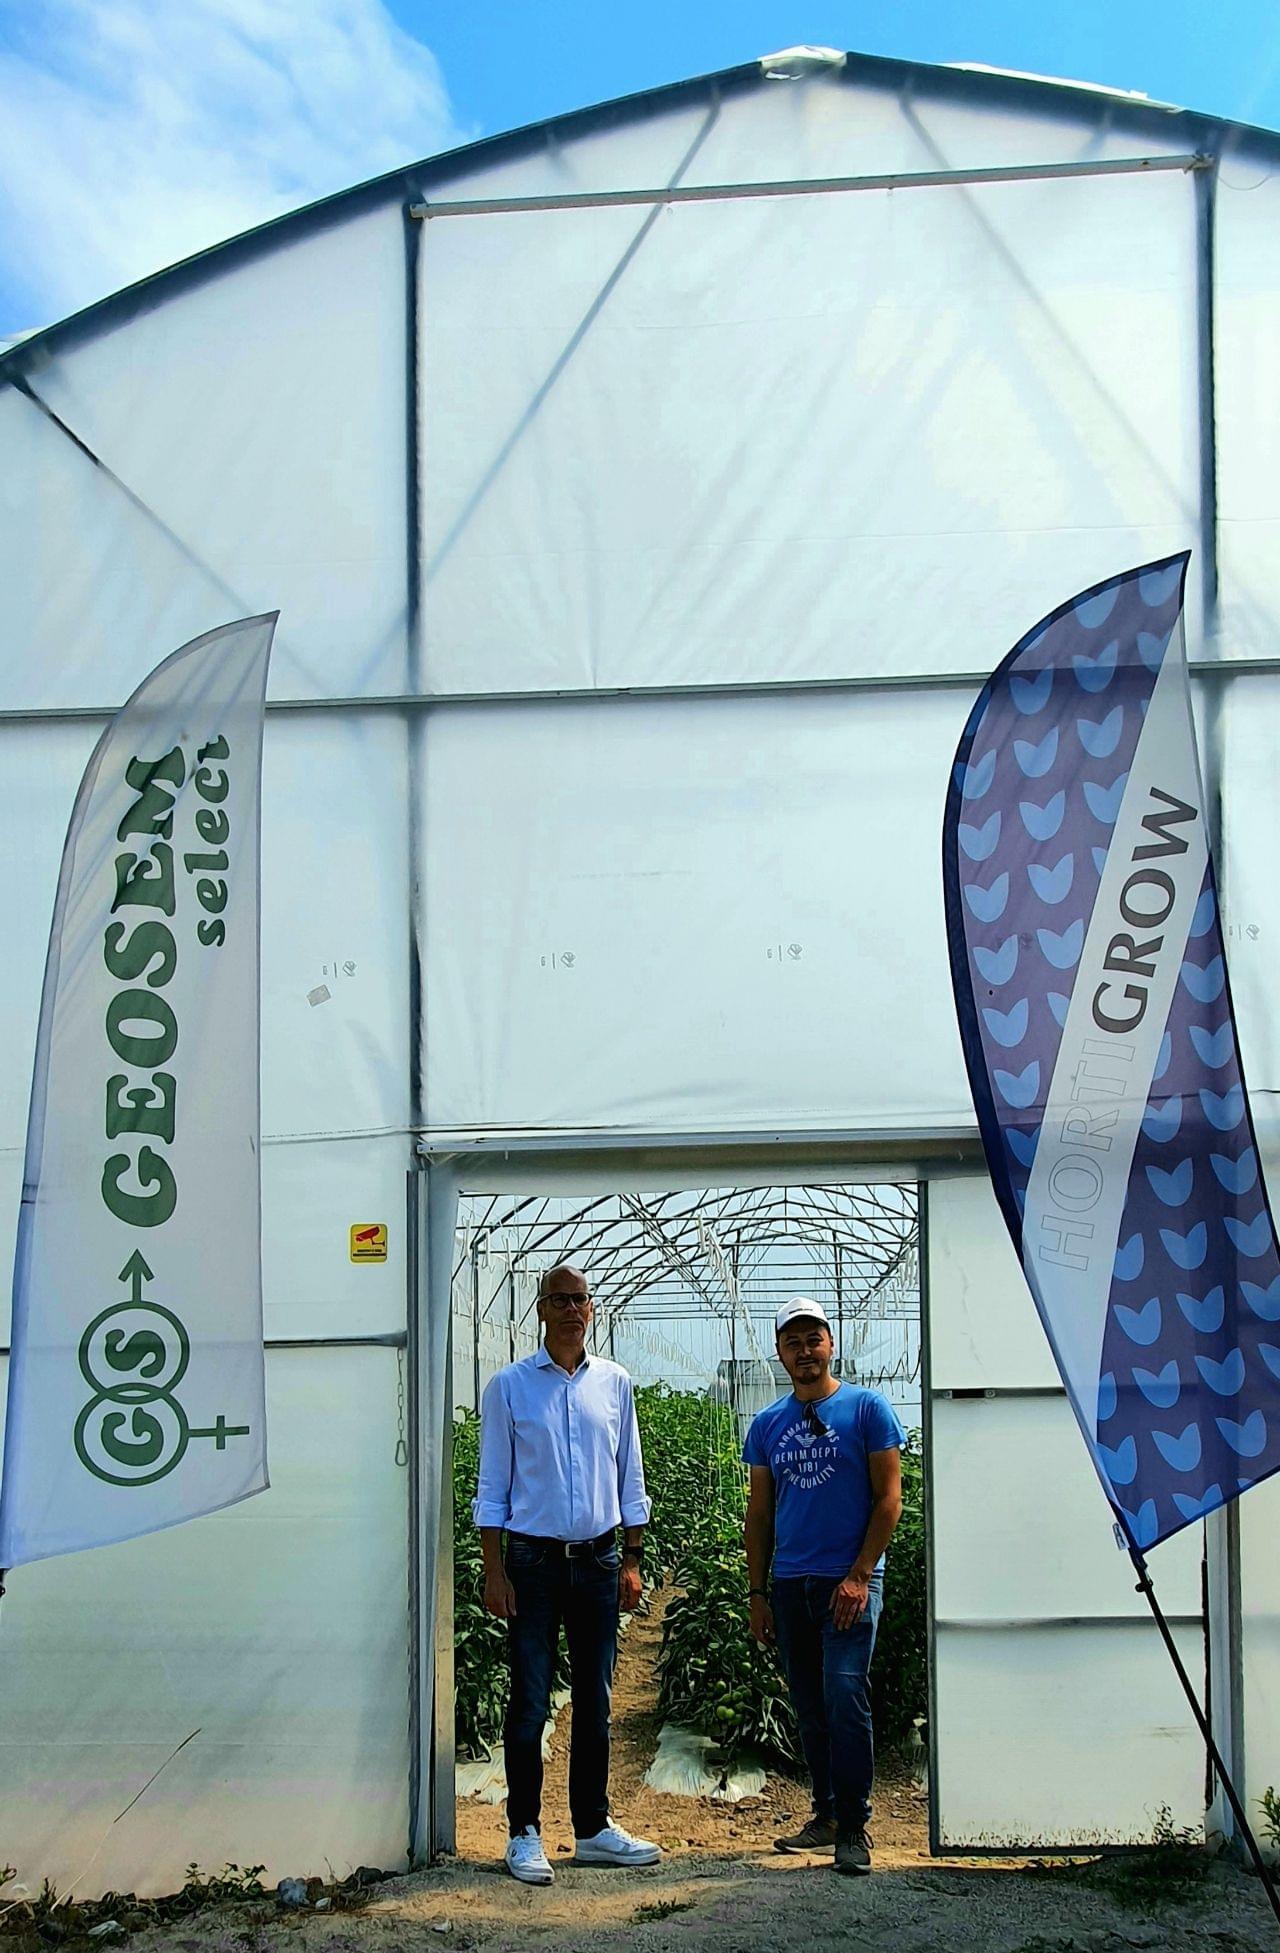 Visit to Geosem Select, Hortiland's distributor in Bulgaria.